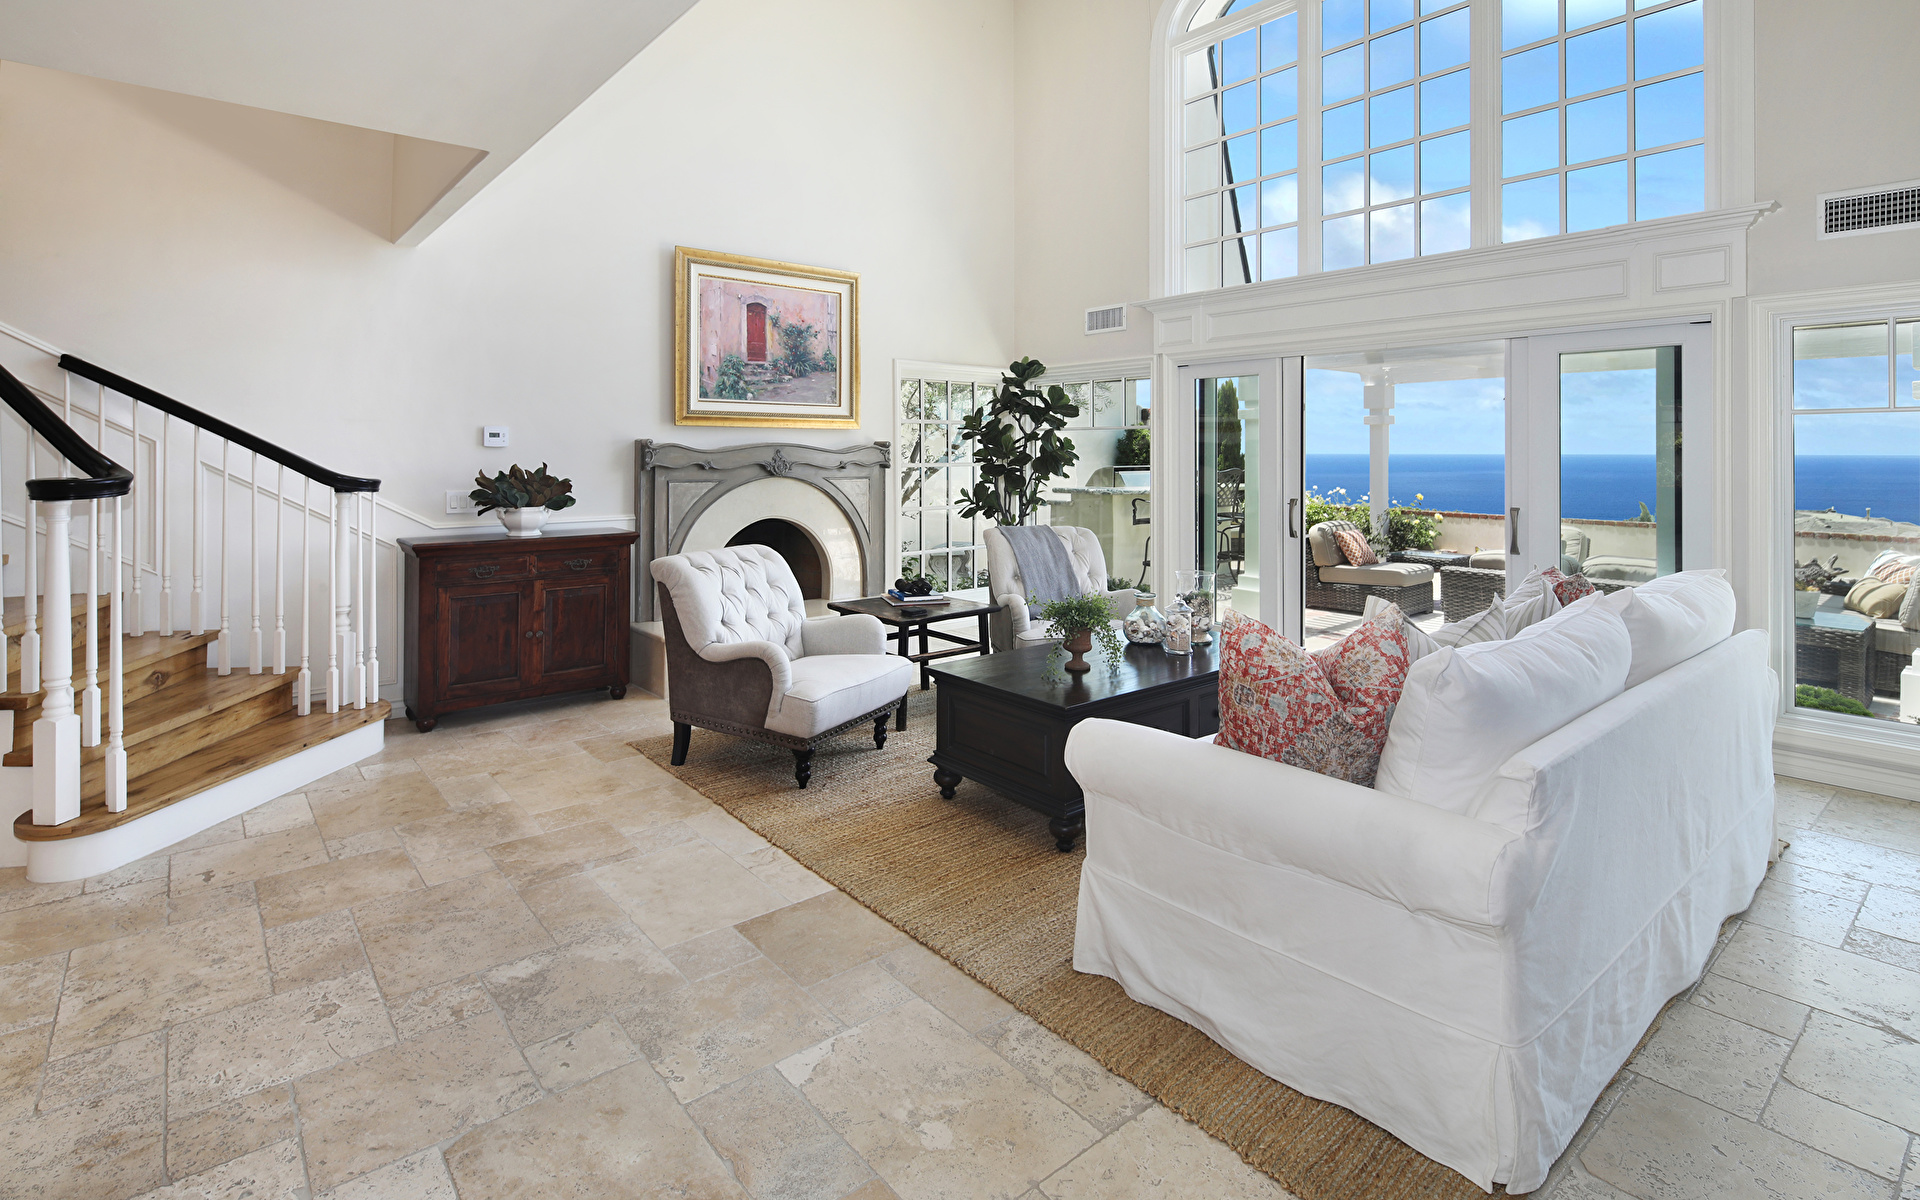 Фото гостевая Интерьер Диван Кресло Дизайн 1920x1200 Гостиная диване дизайна